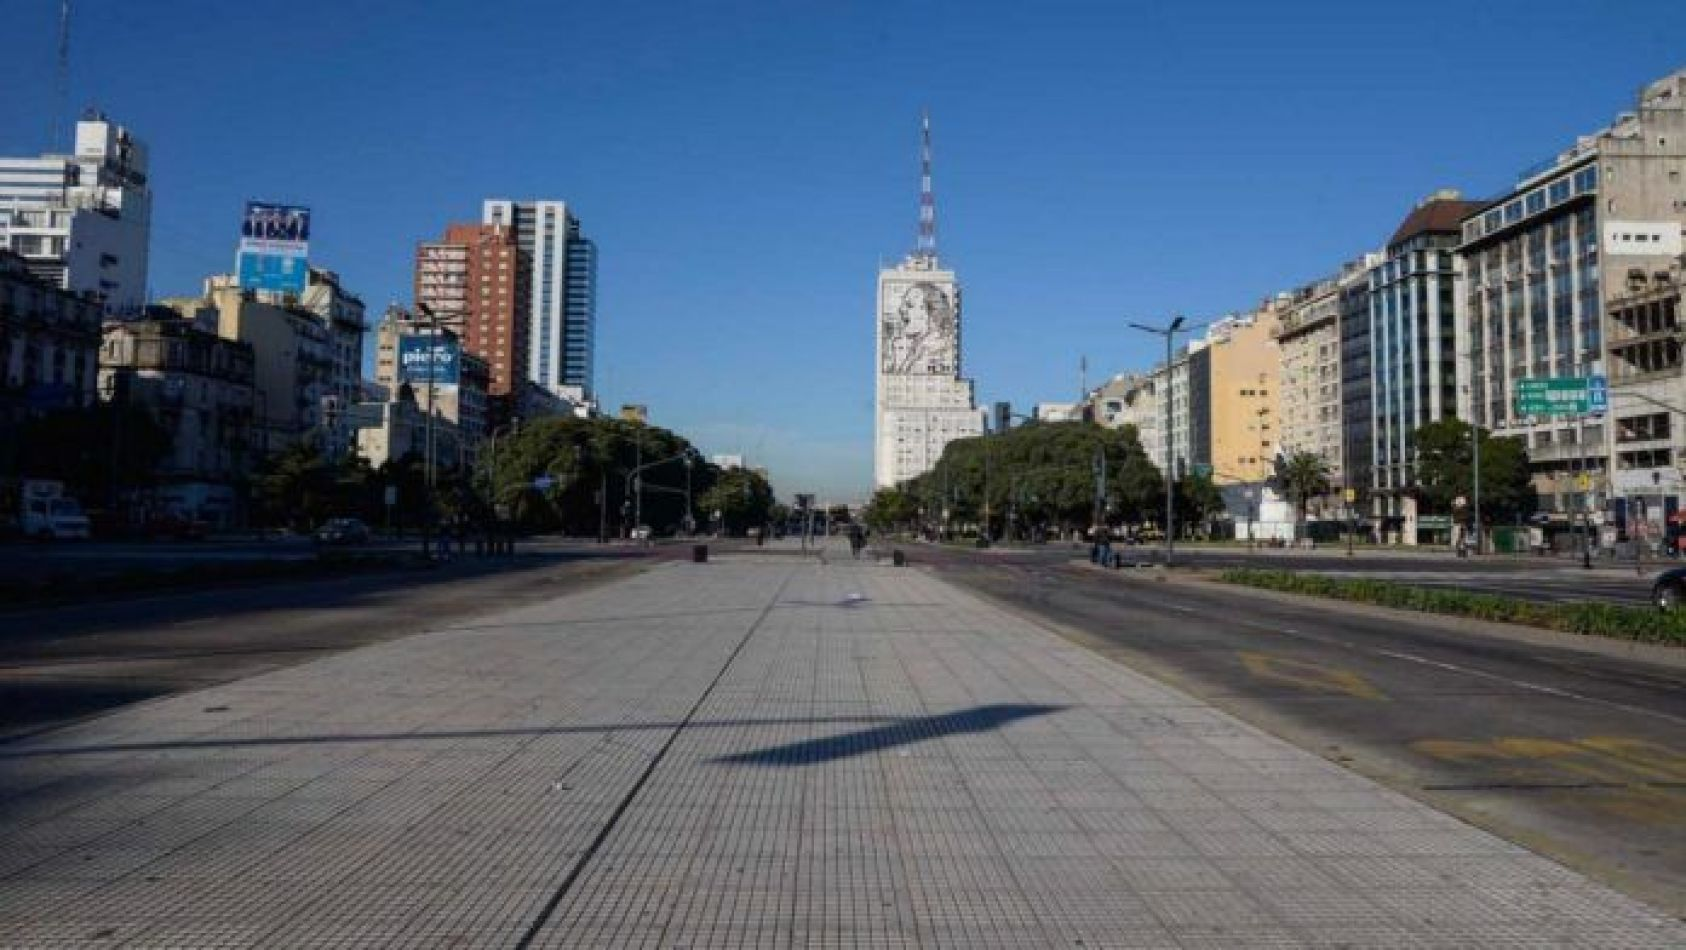 Empezó el paro de la CGT, no funcionará el transporte y habrá cortes de calles